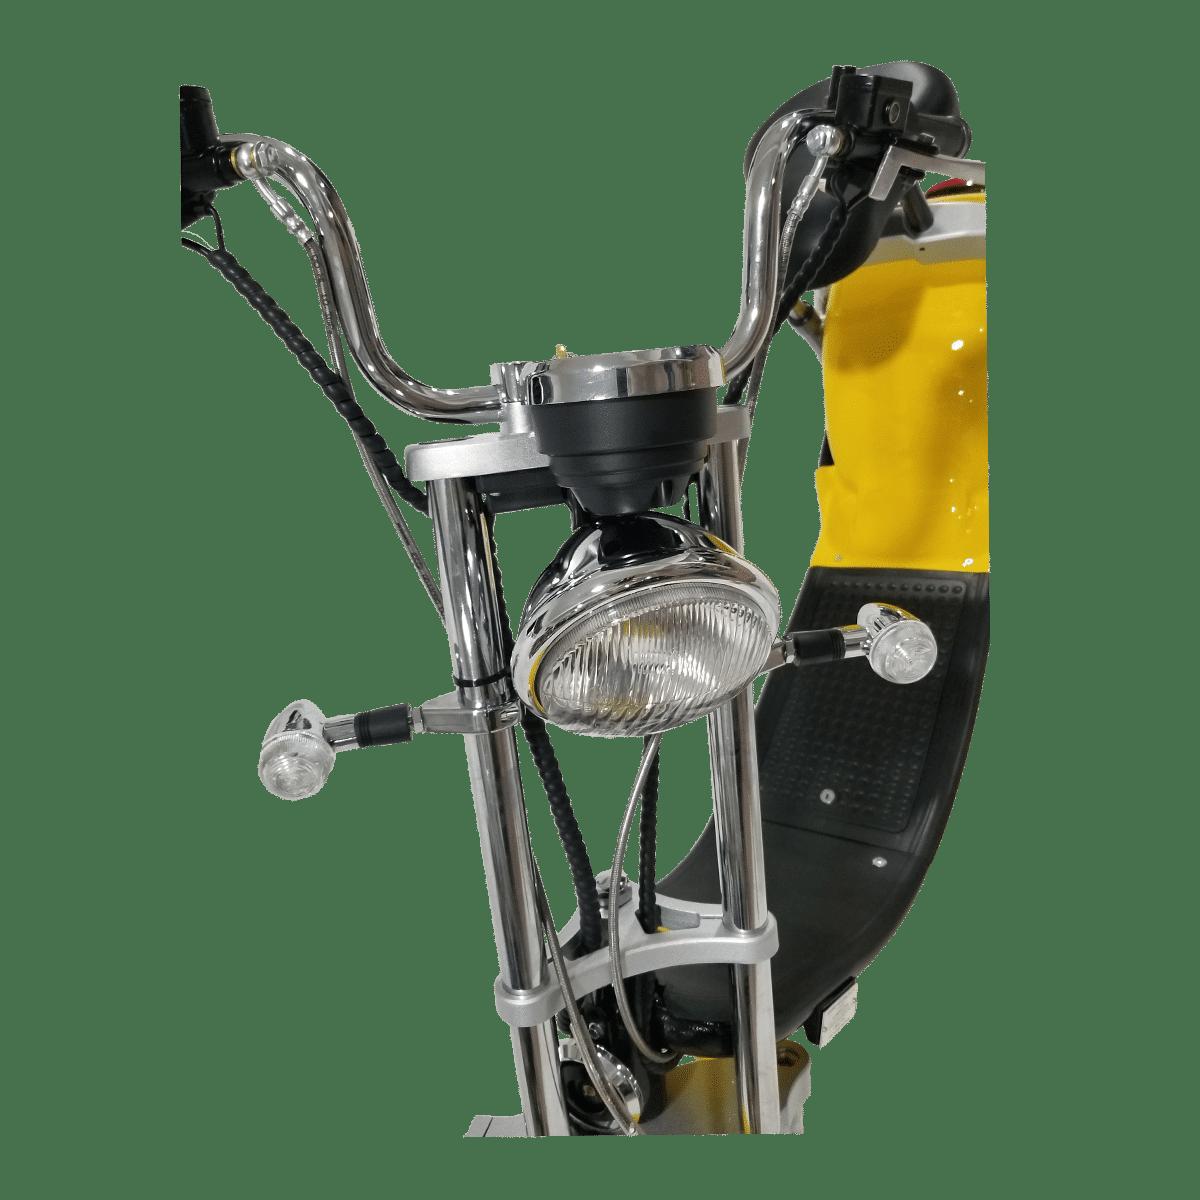 Citycoco Harley Deluxe Jaune 1190€ 19